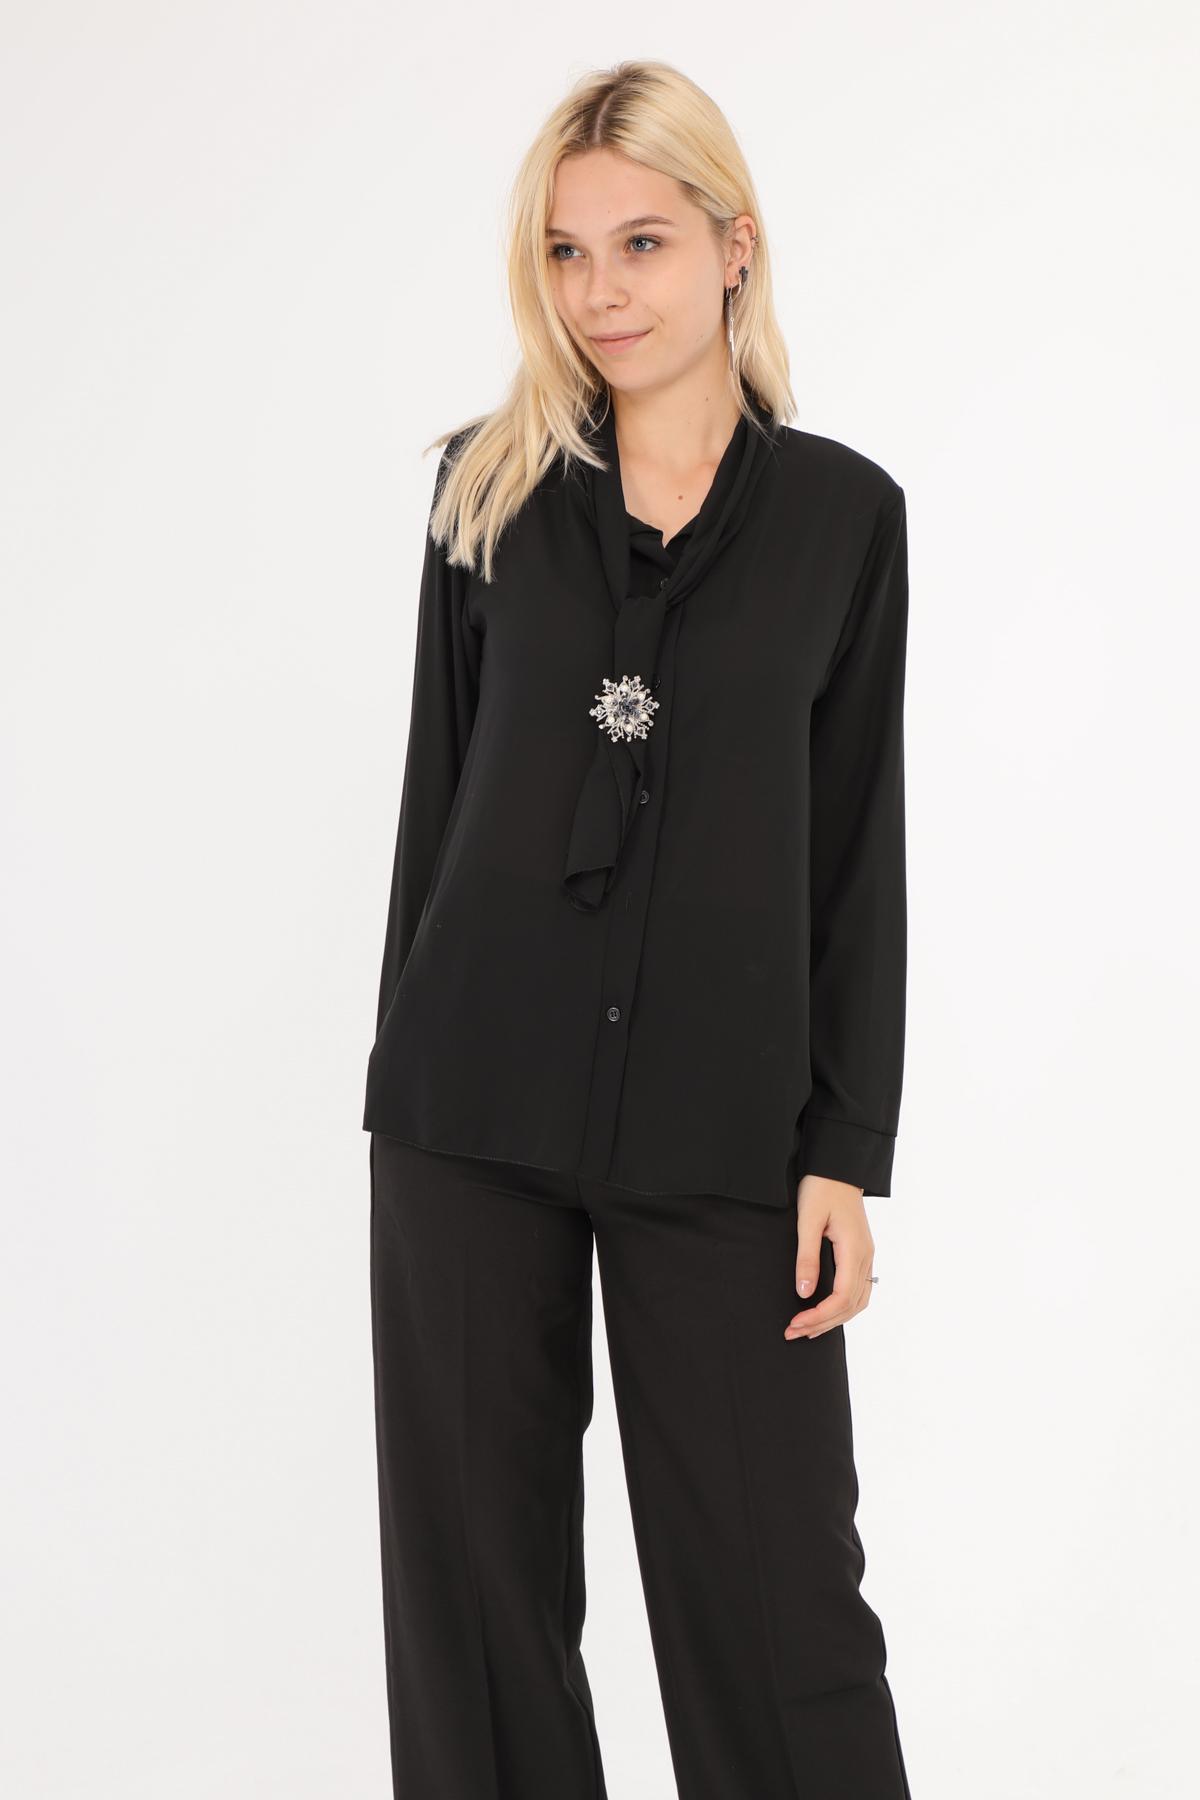 Chemises Femme Noir Adeline 10735 #c eFashion Paris